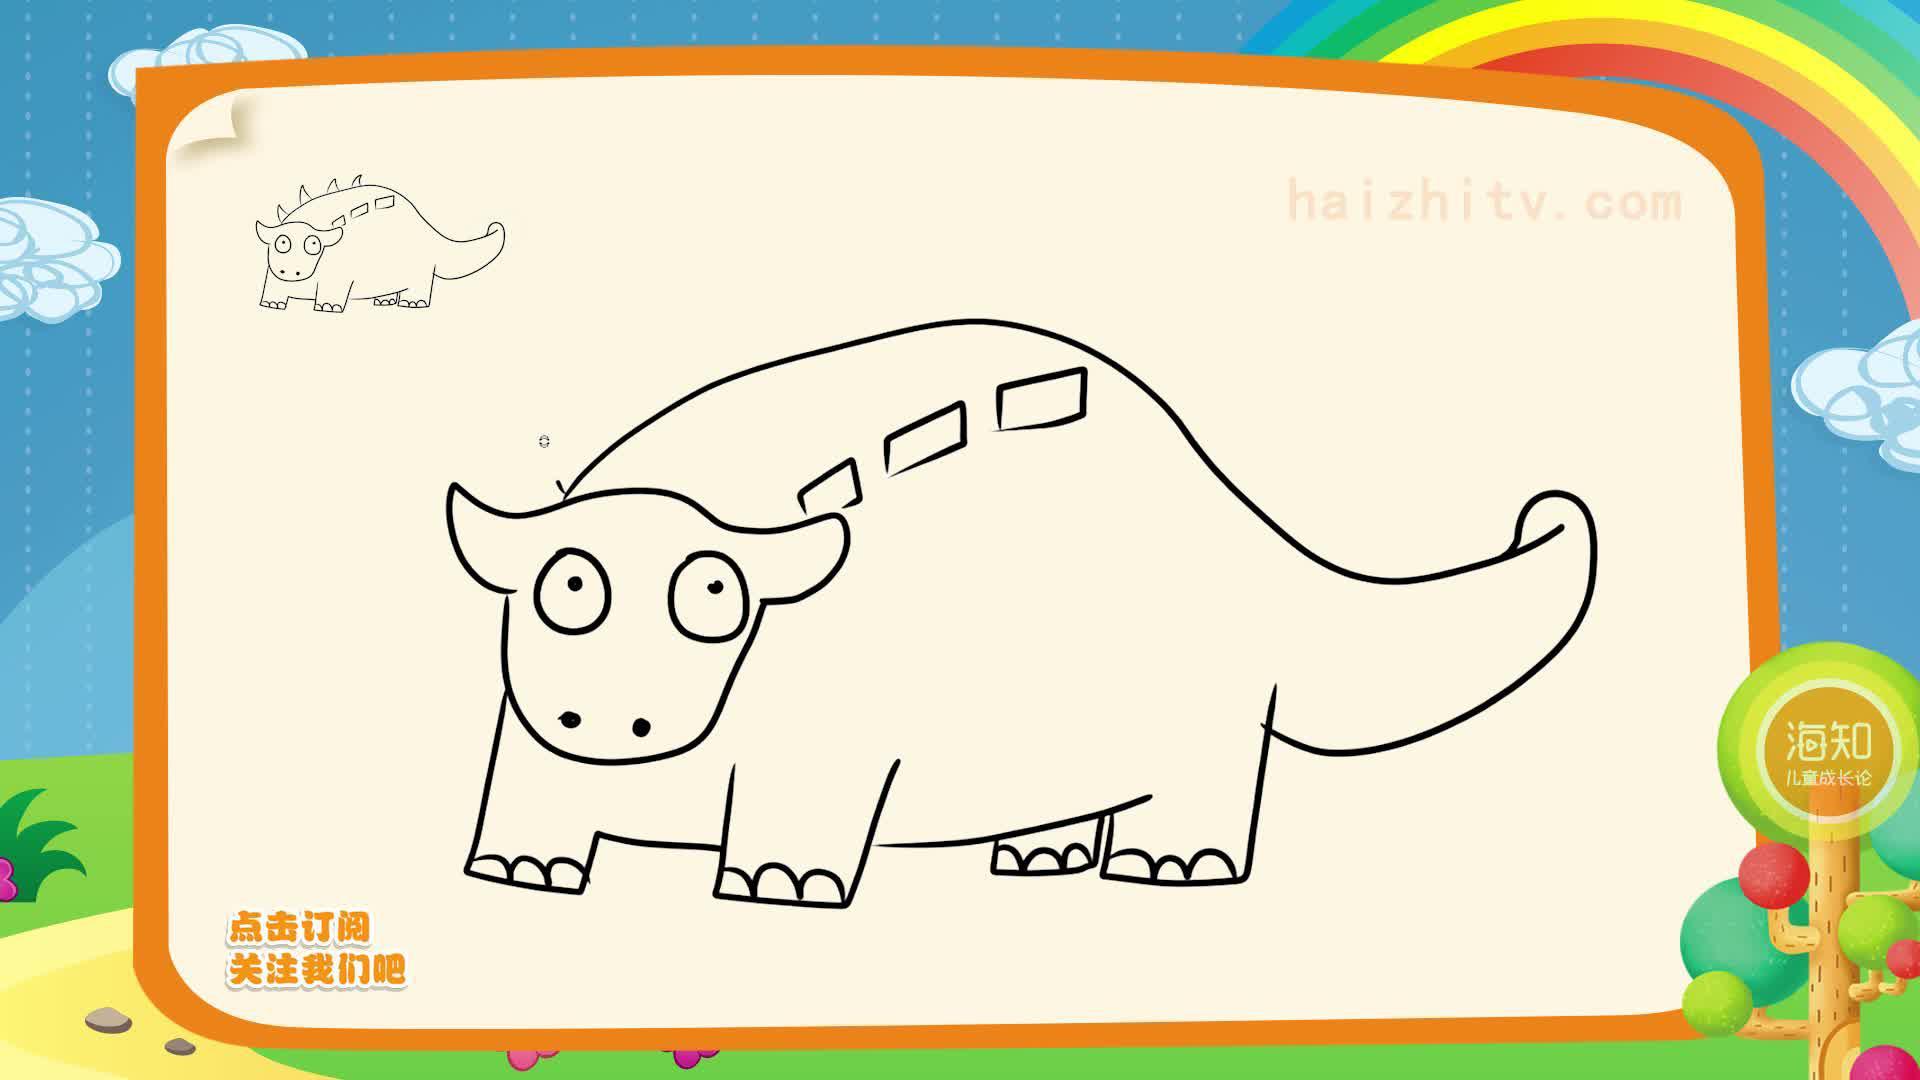 动物简笔画教程,如何画Q版可爱的恐龙,海知简笔画大全